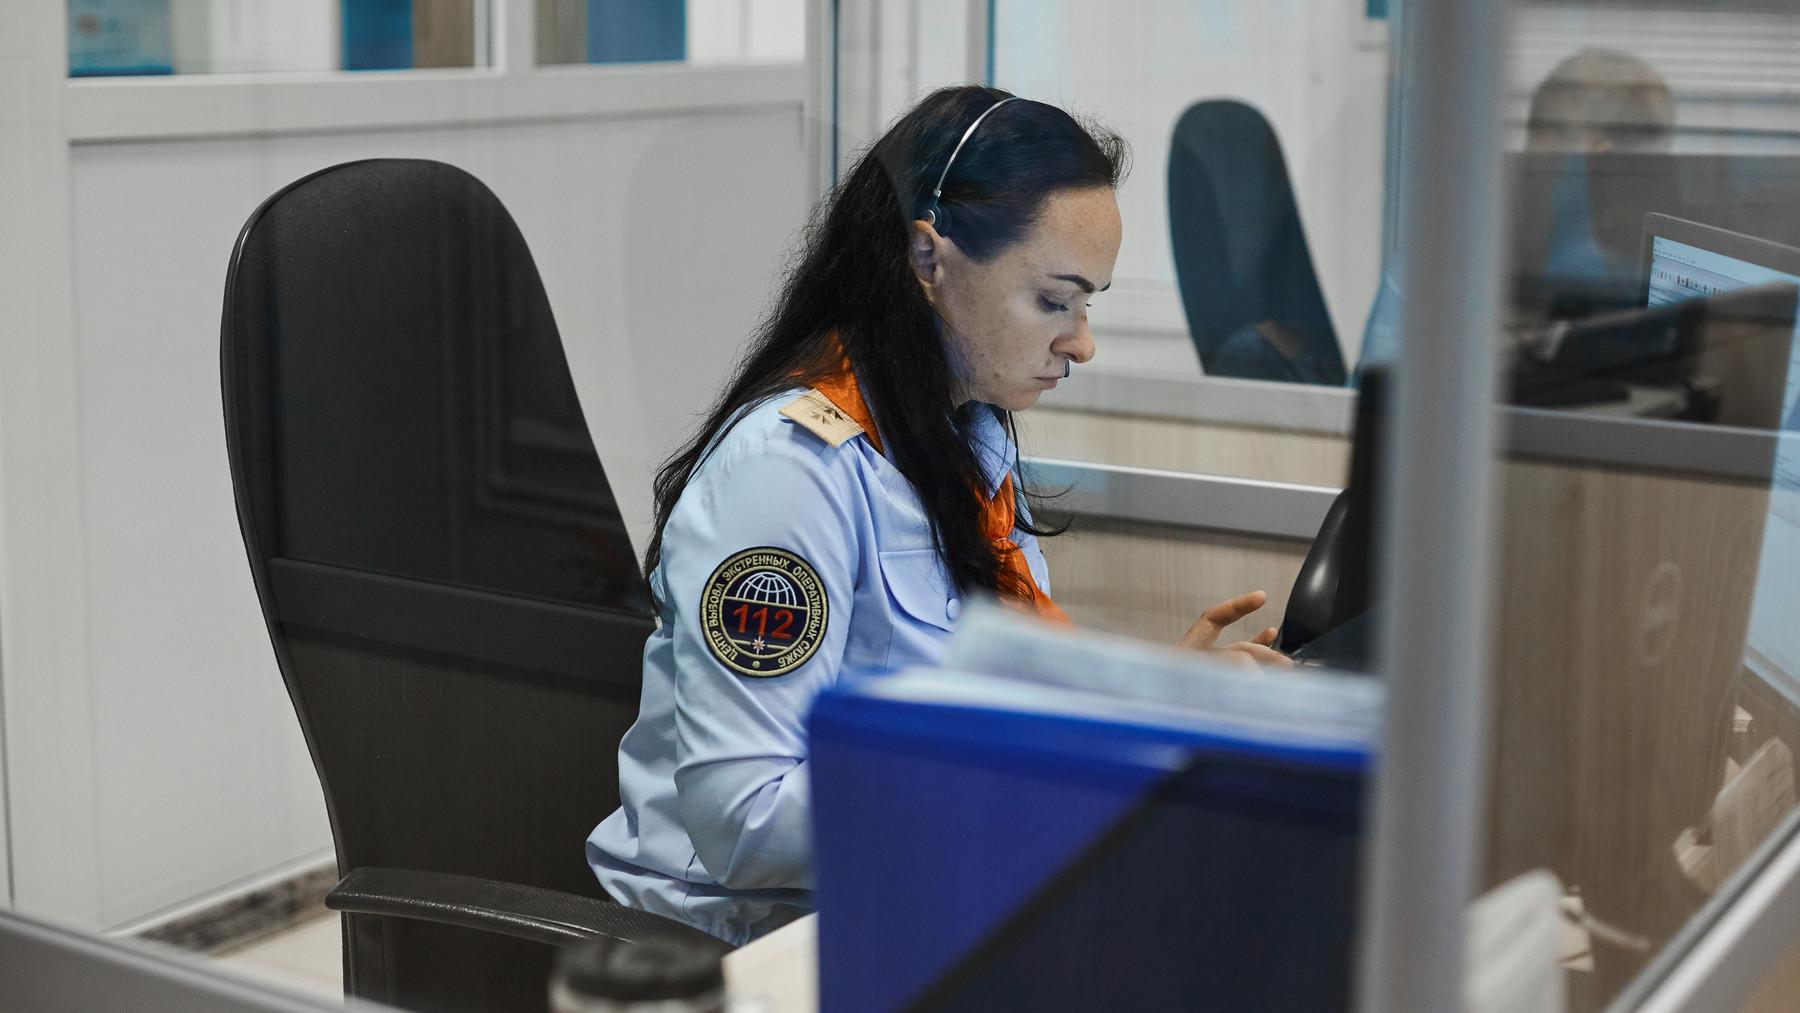 Итоги работы по поиску заблудившихся людей в лесах подвели в системе-112 Подмосковья